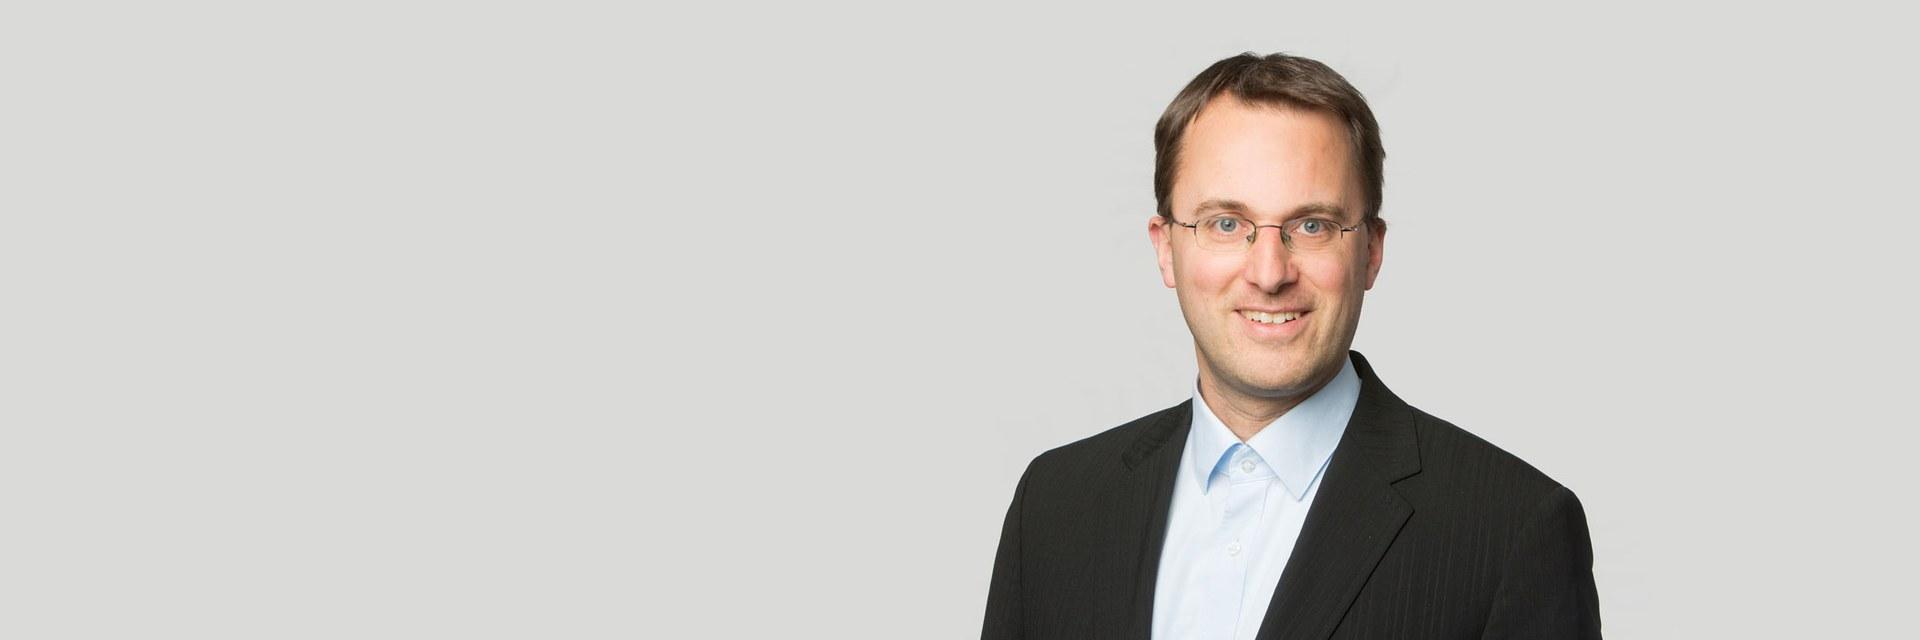 Dr. Hans Friedrich Witschel